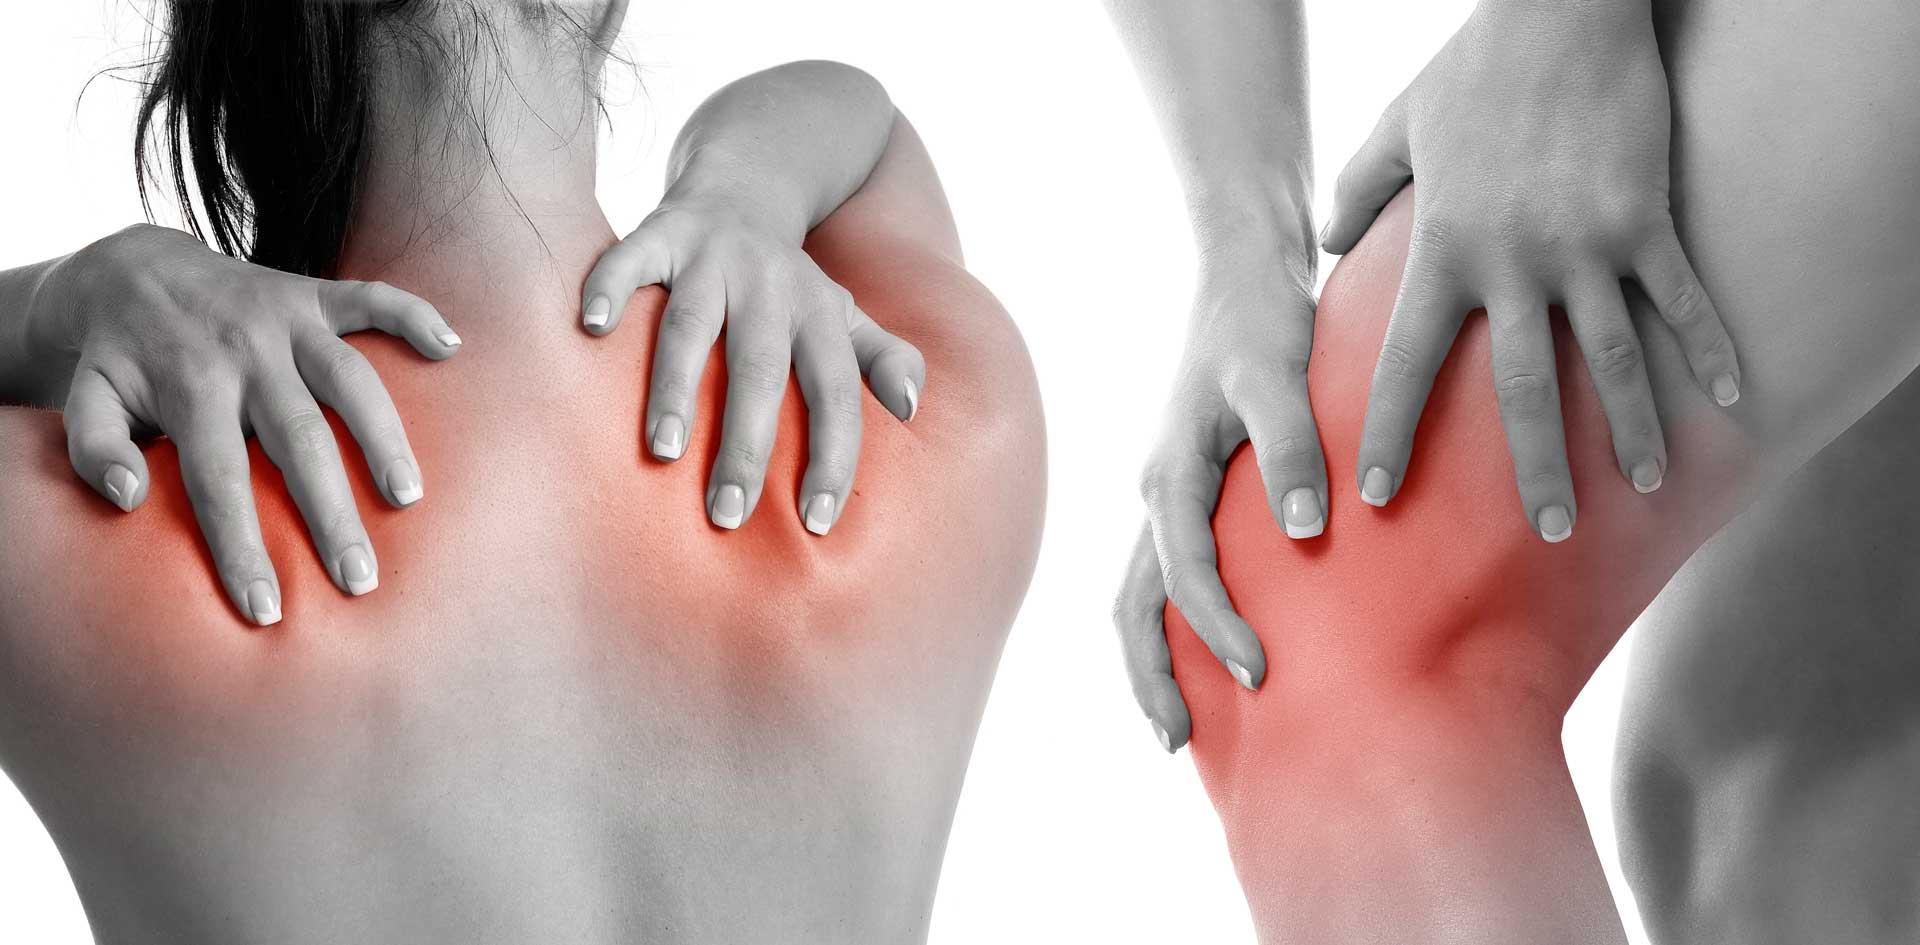 Артрит височно-нижнечелюстного сустава: причины, симптомы, методы лечения